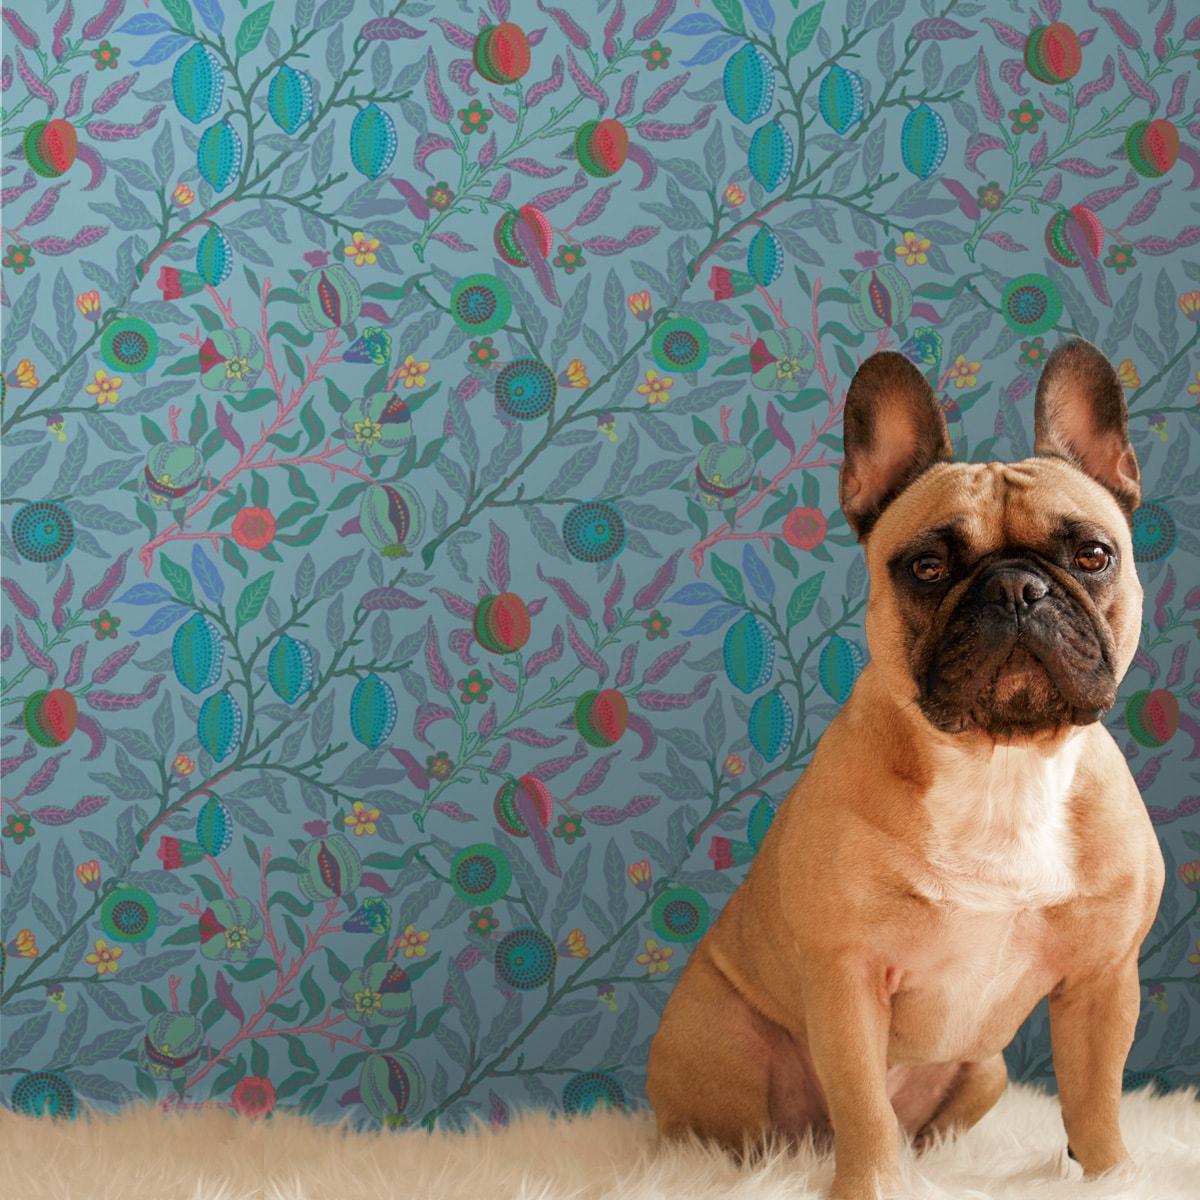 Barock Tapete in hellem blau/ türkis aus der Tapeten Design Familie: 0013t als Naturaltouch Luxus Vliestapete oder Basic Vliestapete